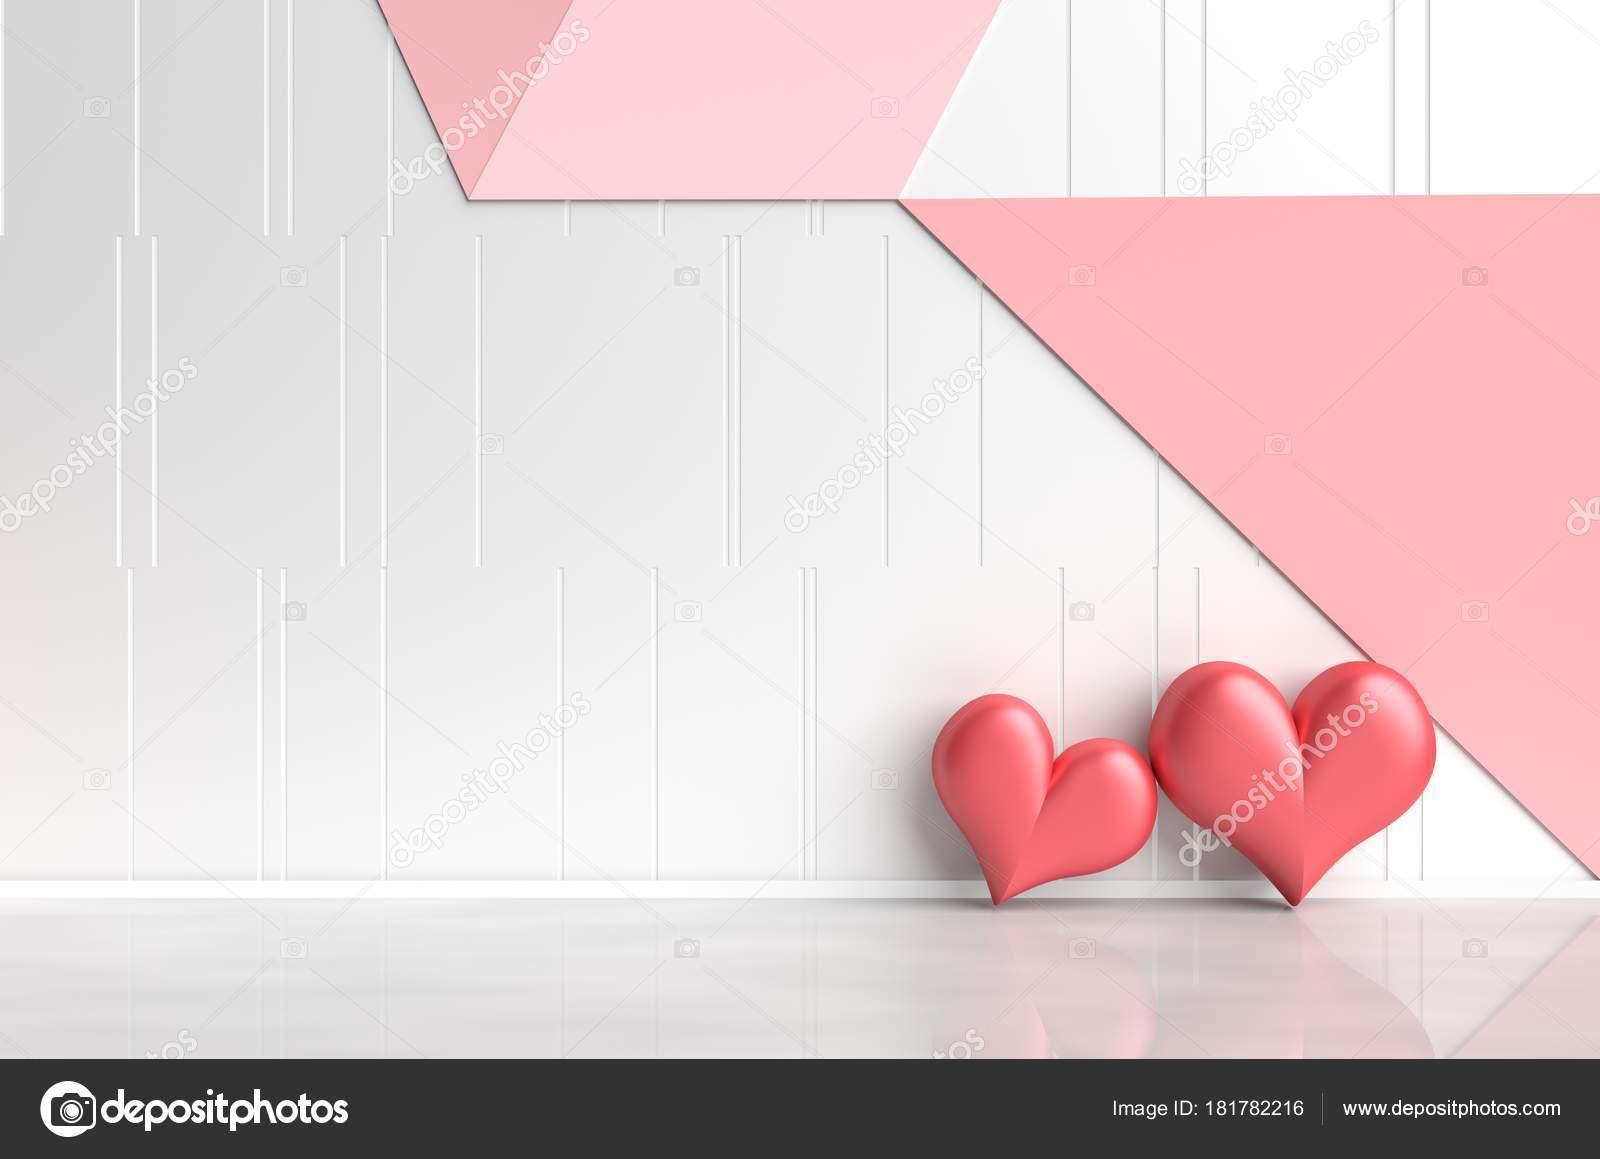 Weiß Rot Rosa Zimmer Der Liebe. Dekoriert Mit Roten Herzen, Weiß, Rosa Und  Roten Betonmauer Gittermuster Ist. Zimmer Der Liebe Am Valentinstag.